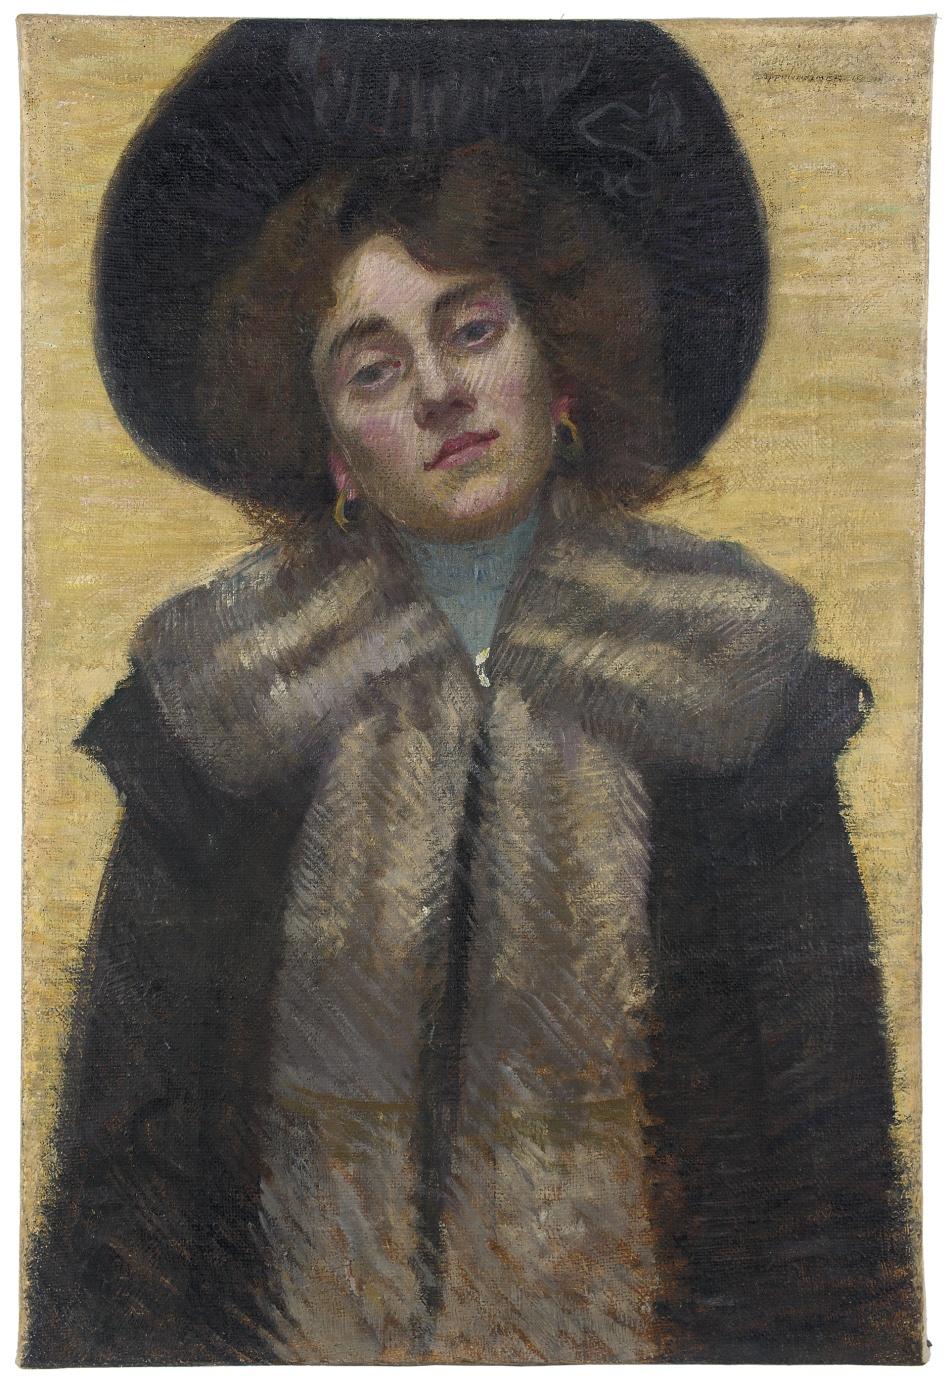 Portrét dívky s pláštěm lemovaným kožešinou